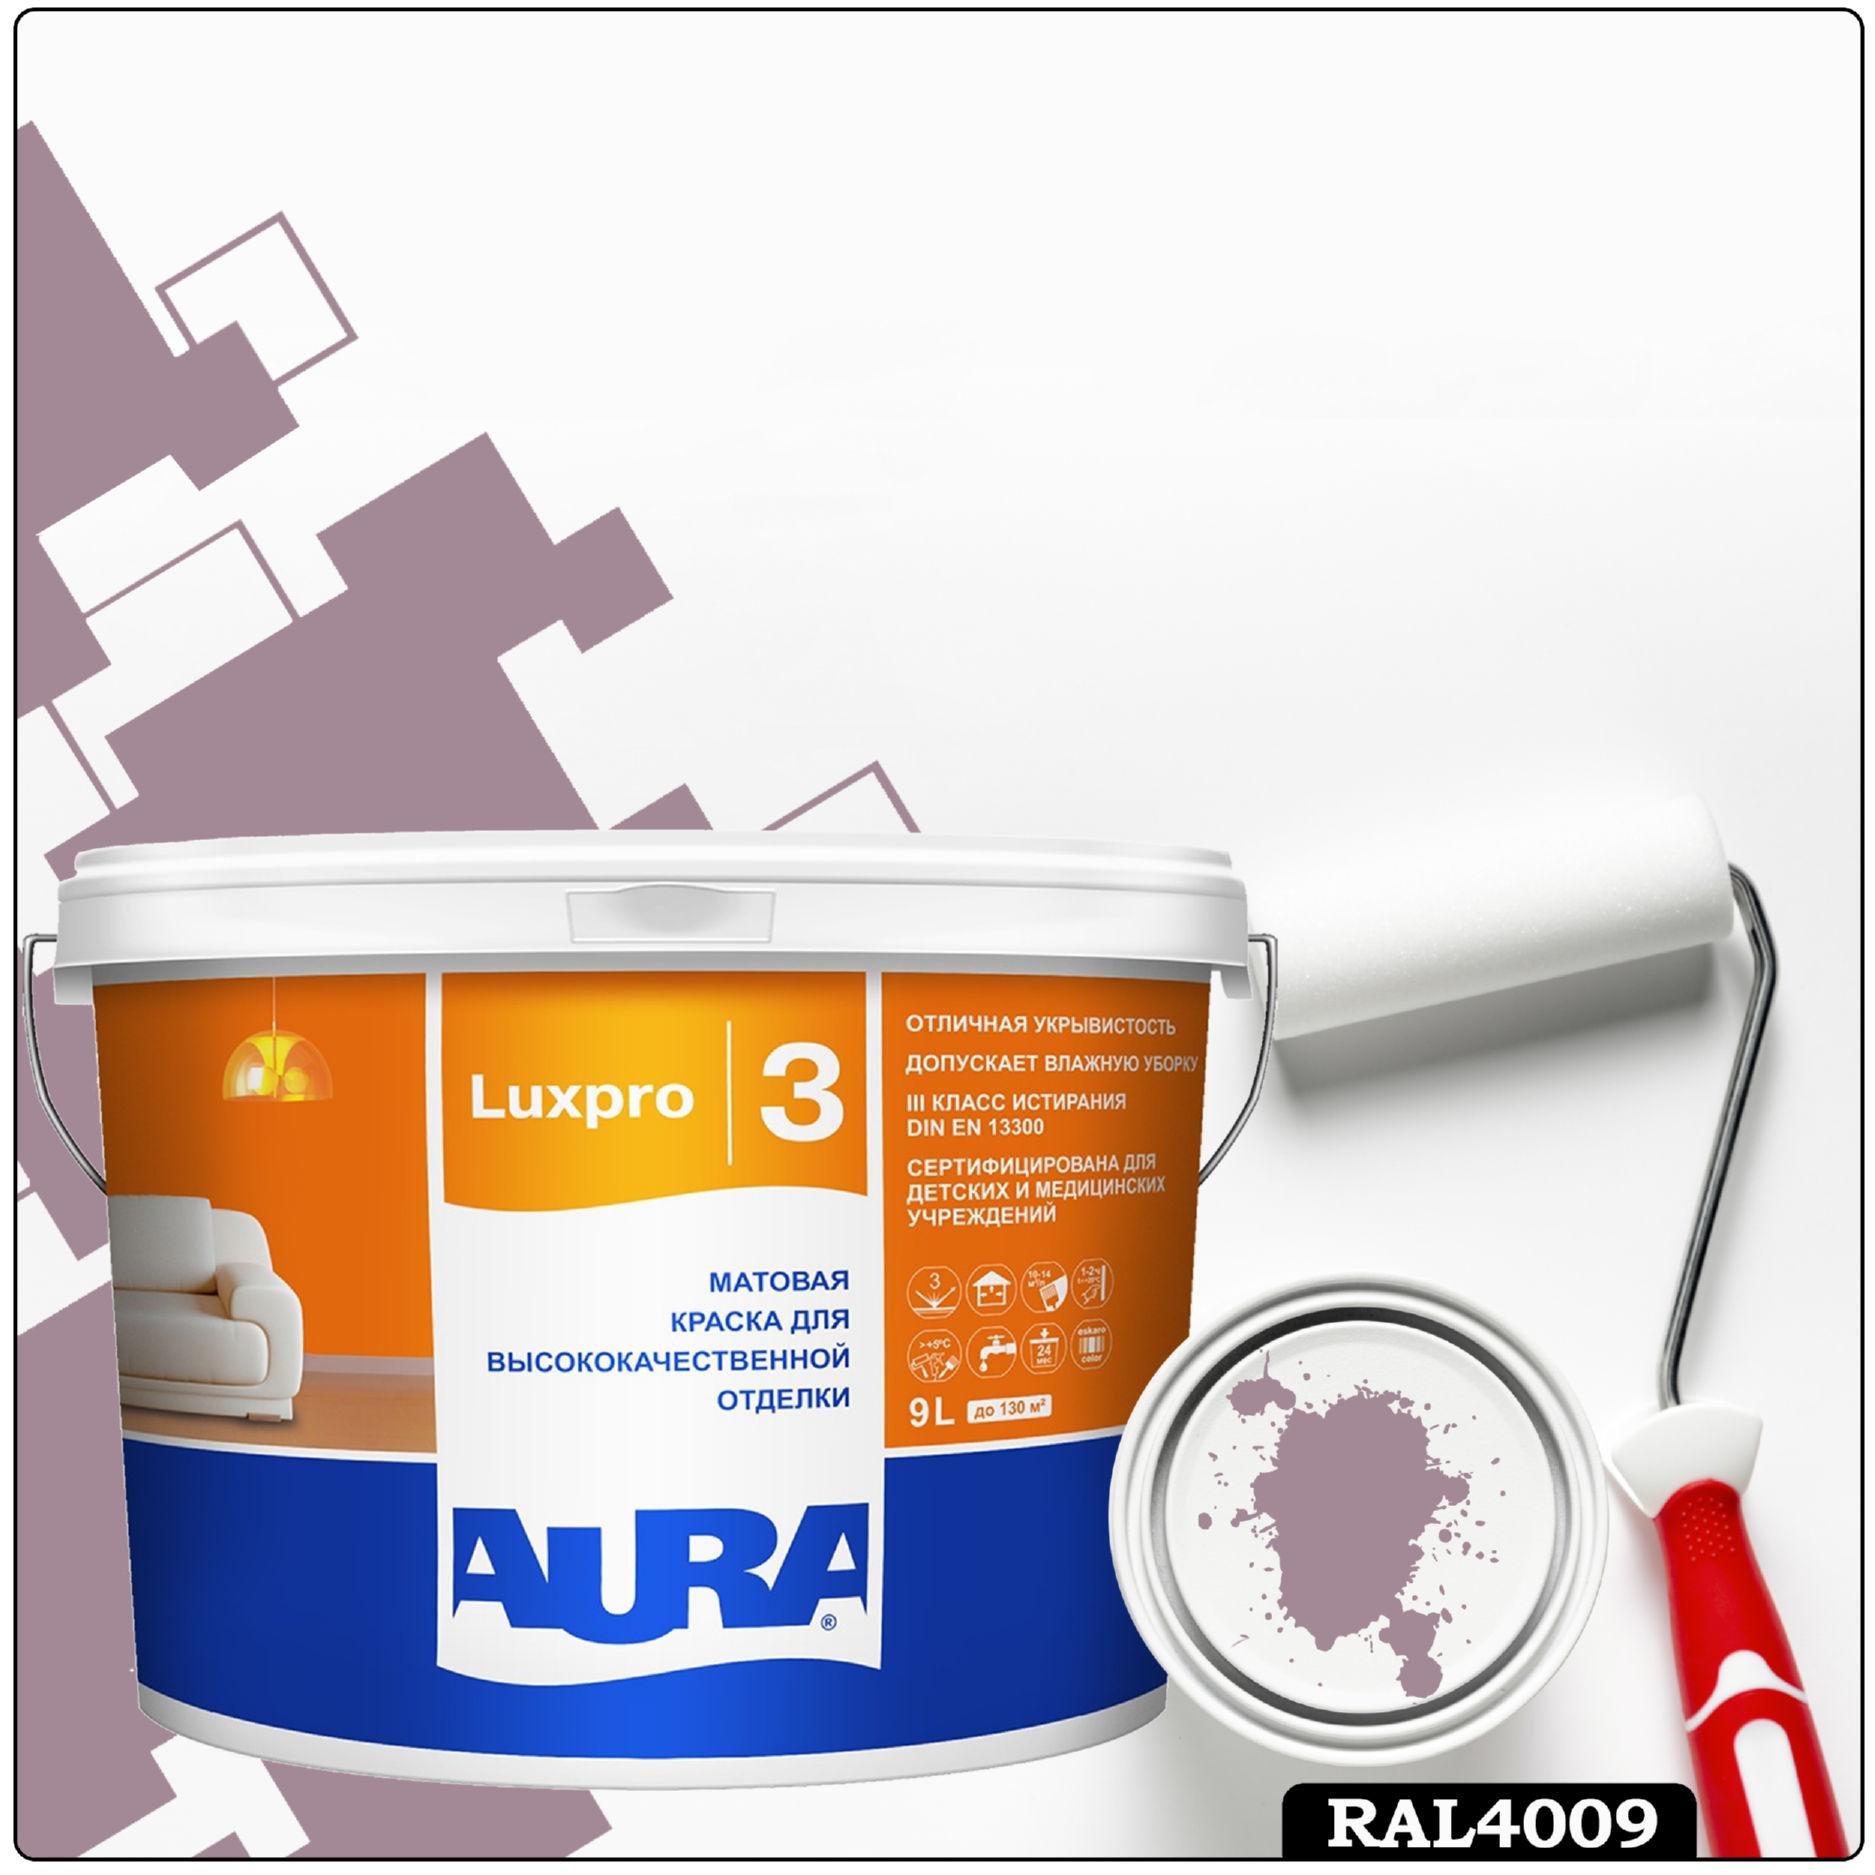 Фото 9 - Краска Aura LuxPRO 3, RAL 4009 Пастельно-фиолетовый, латексная, шелково-матовая, интерьерная, 9л, Аура.